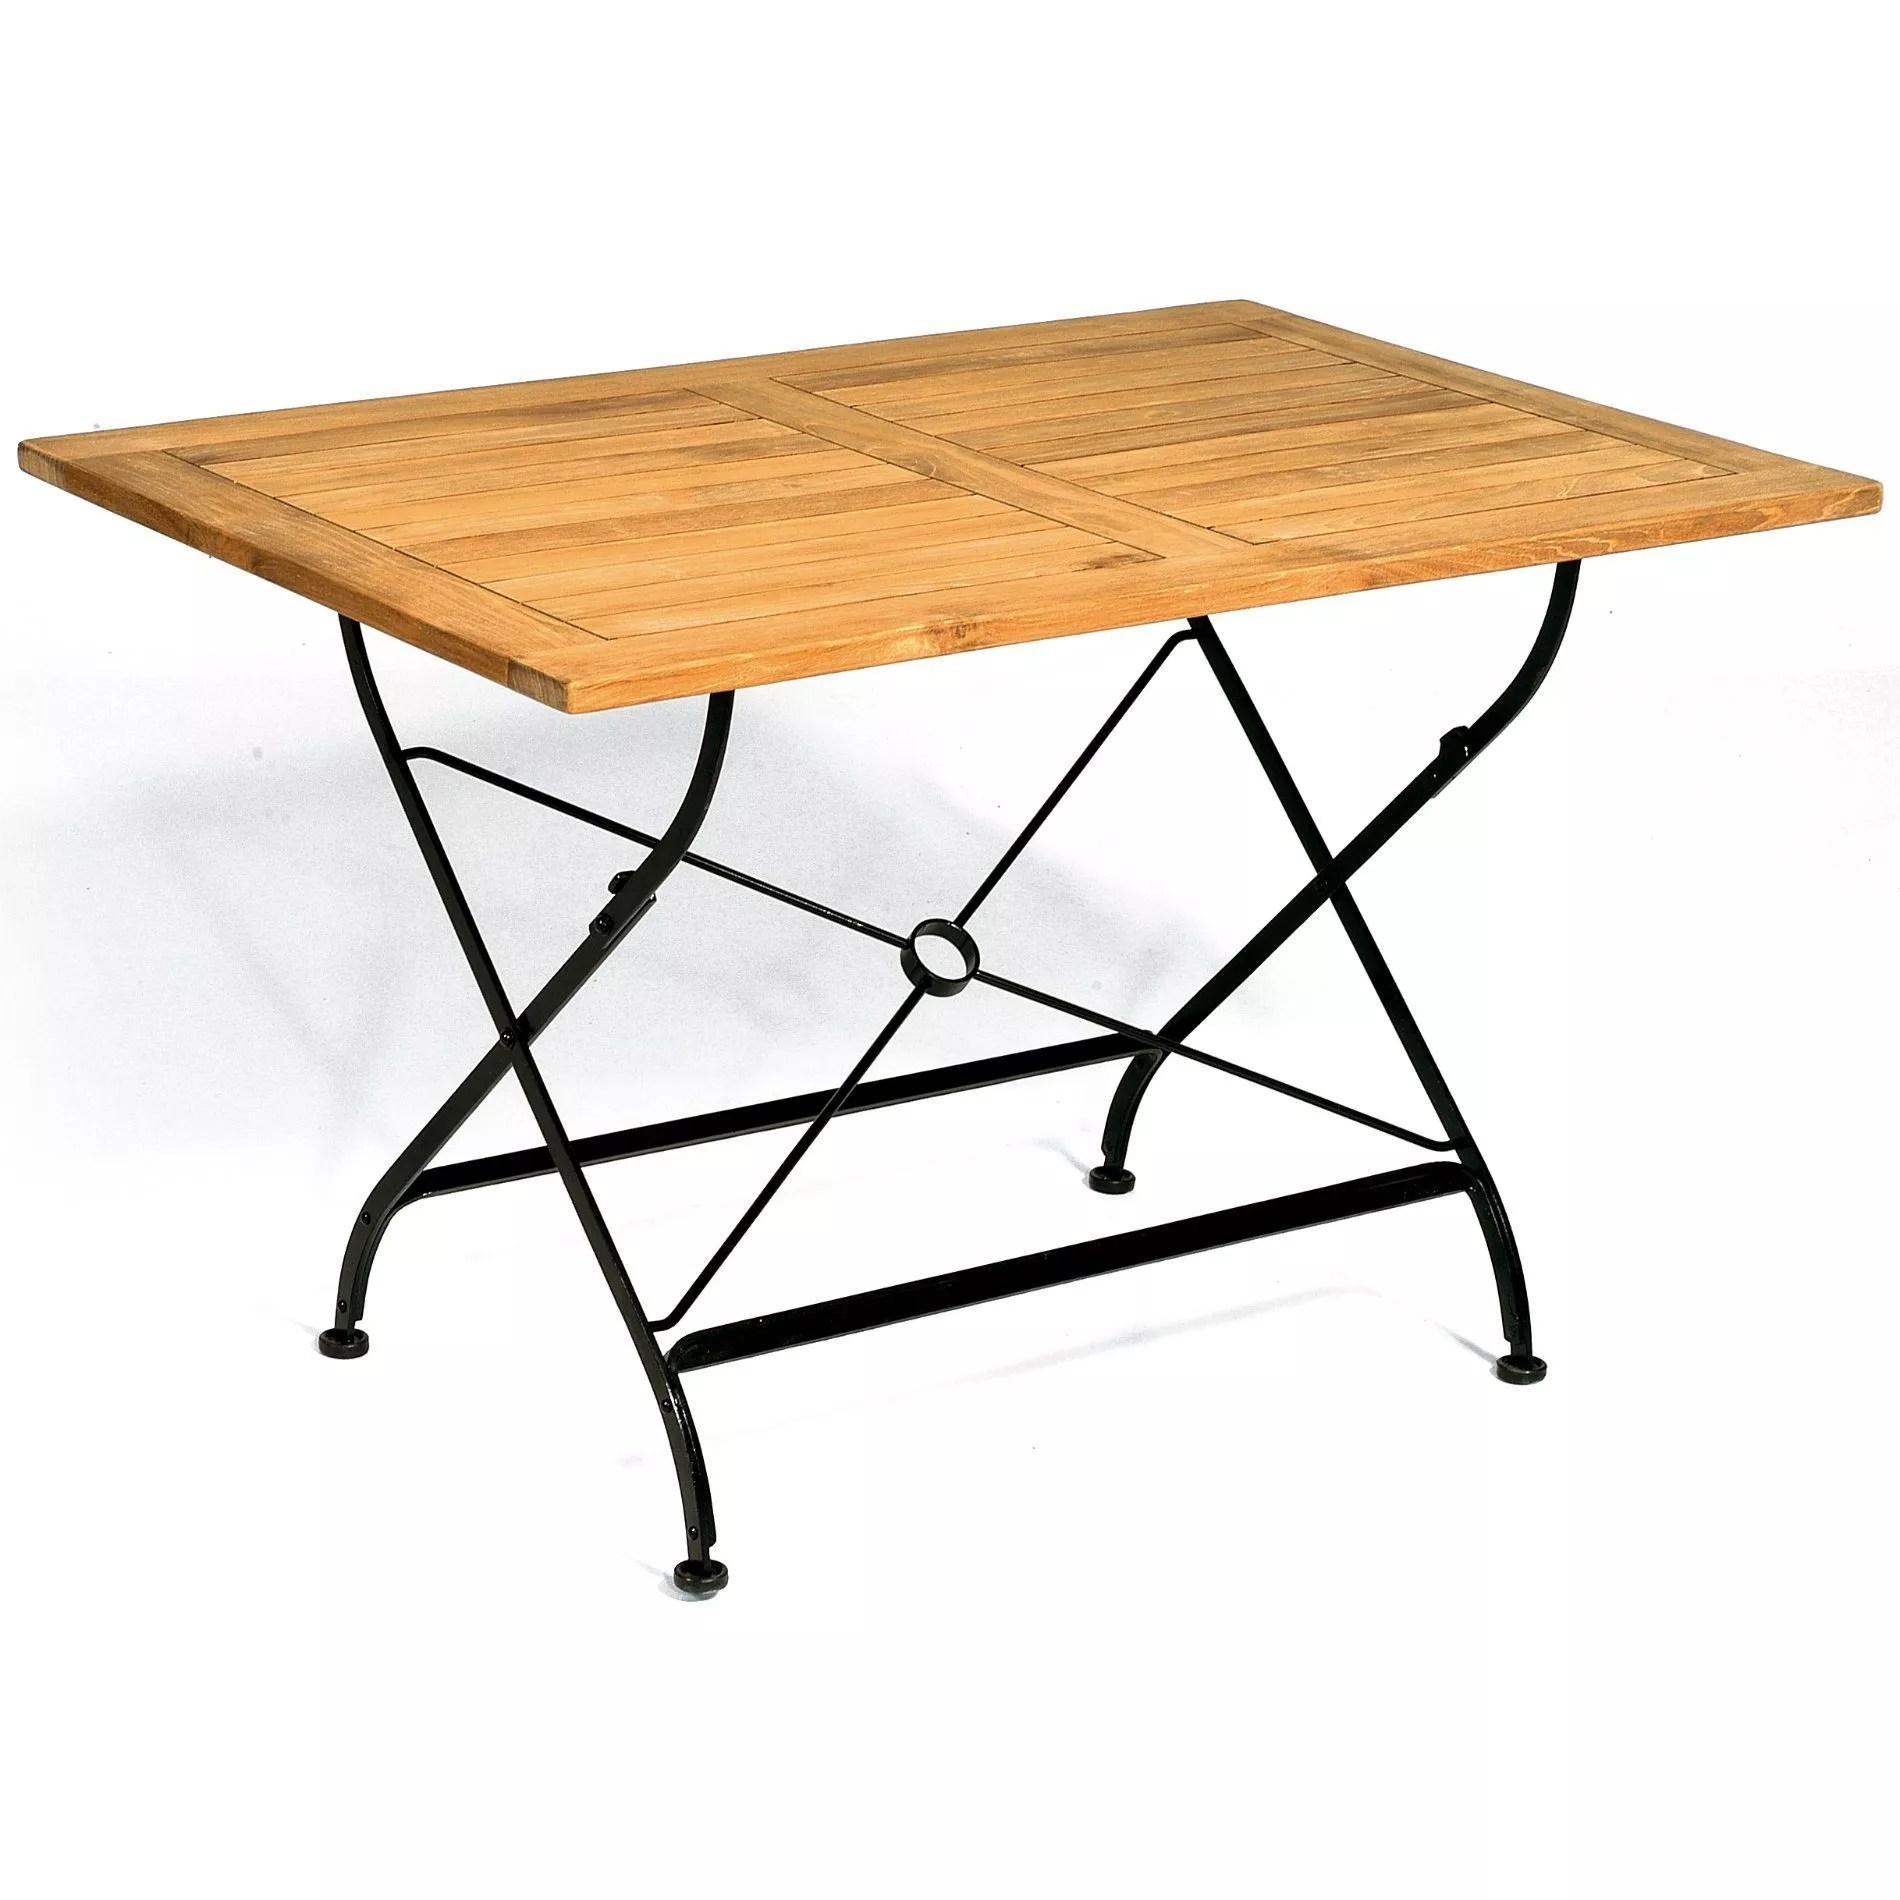 Gartentisch Holz Eckig Gartentisch Rund Klappbar Holz Trendy